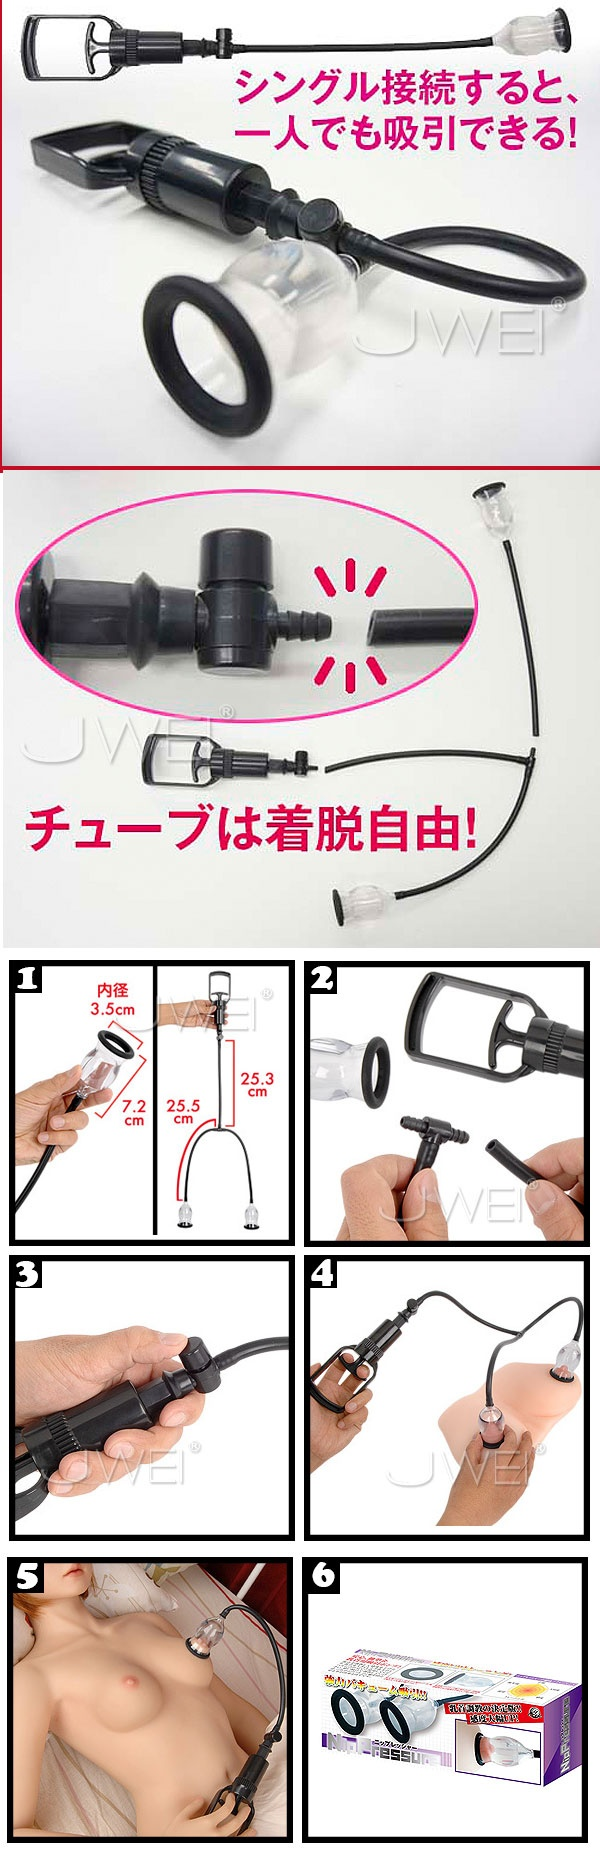 附圖2-(紅標)(9折)日本原裝進口A-ONE.NipPressure乳頭刺激吸引器